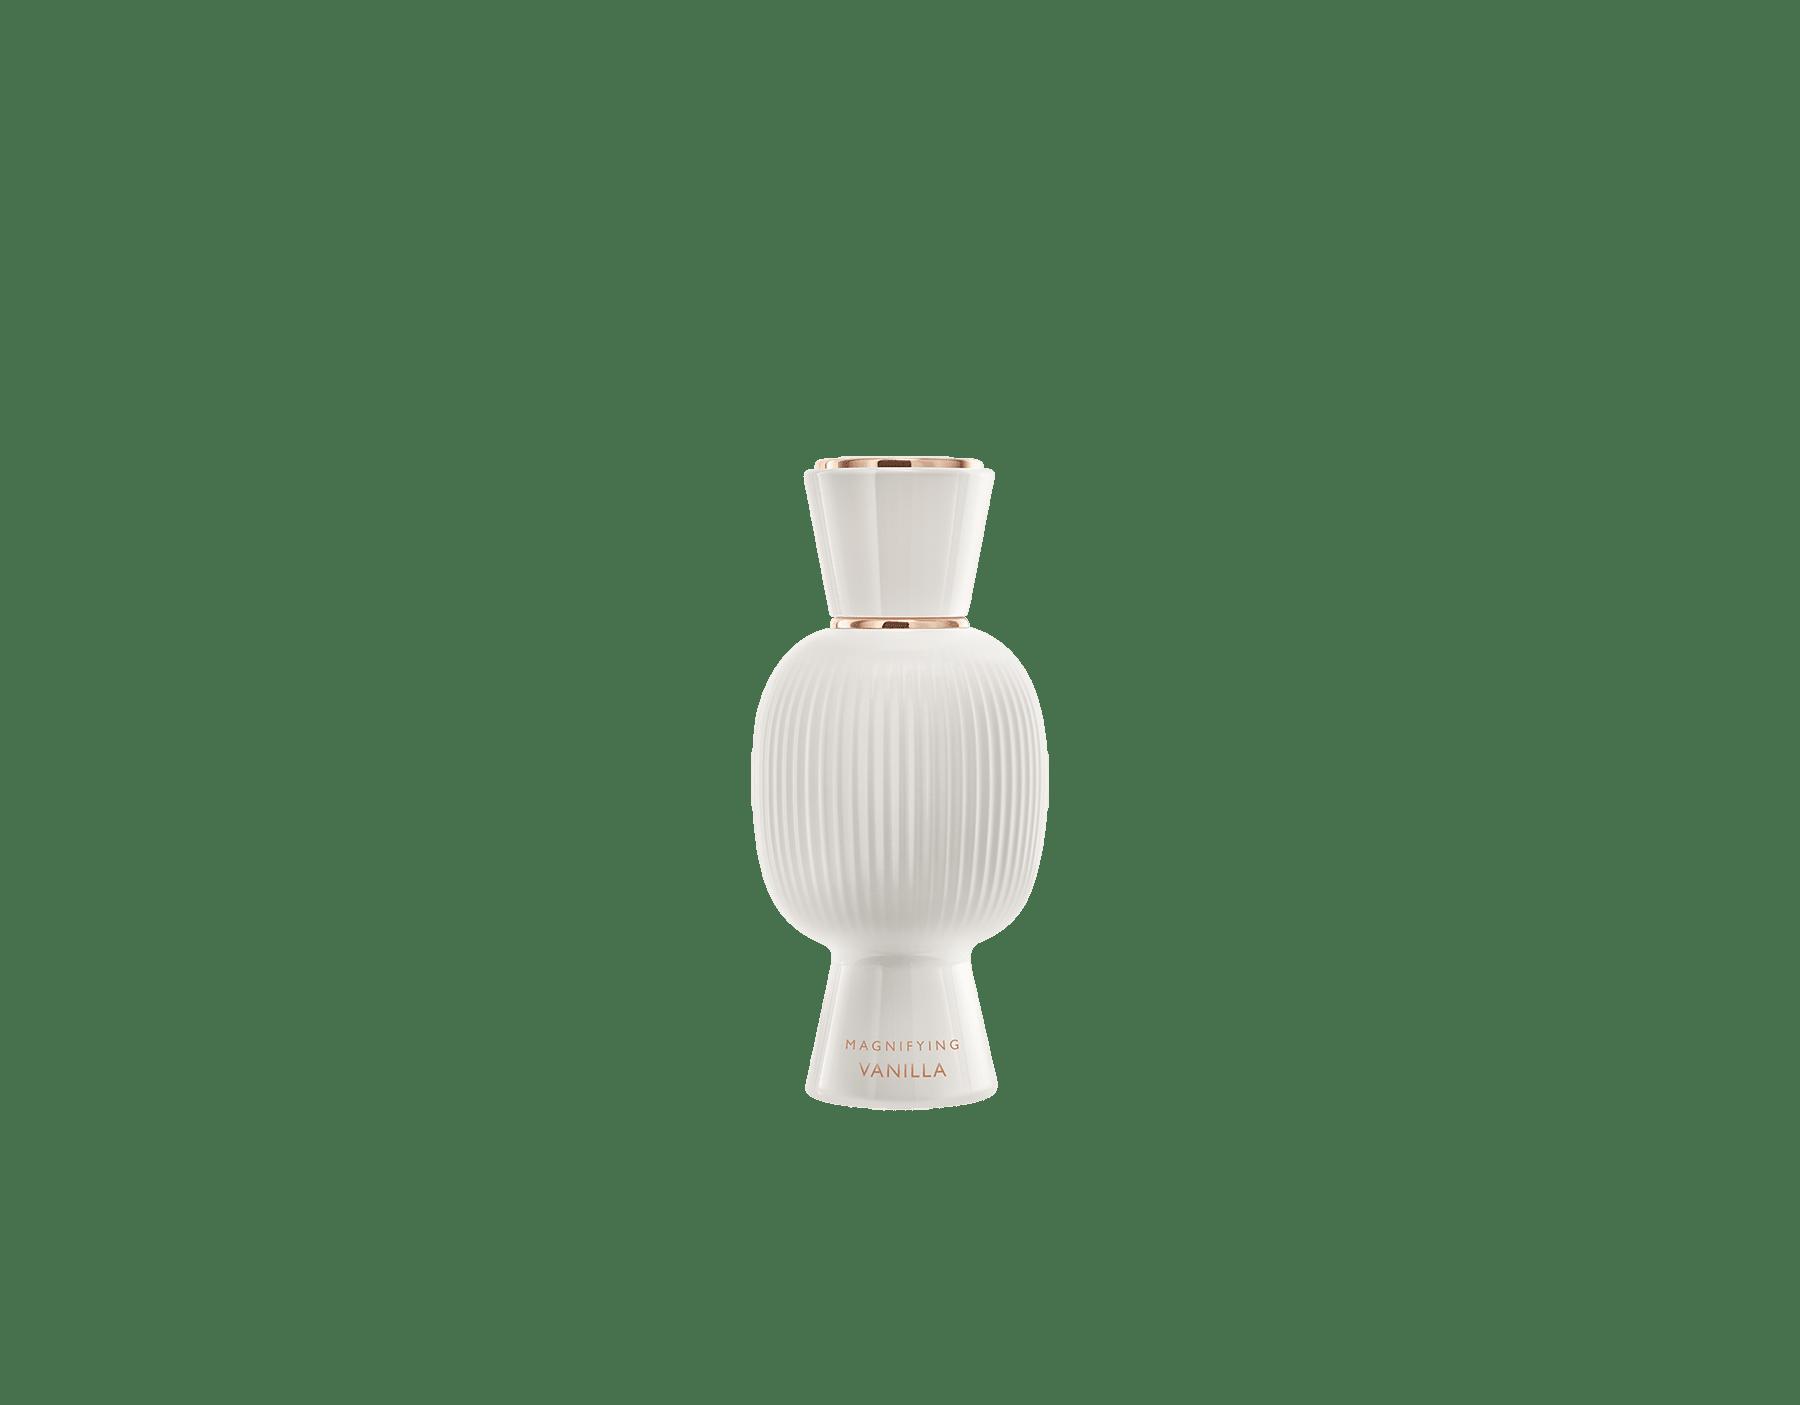 Der betörende Duft von Magnifying Vanilla schenkt Ihrem Eau de Parfum eine Facette von köstlicher Verführung. #MagnifyForMore Thrill 41283 image 6